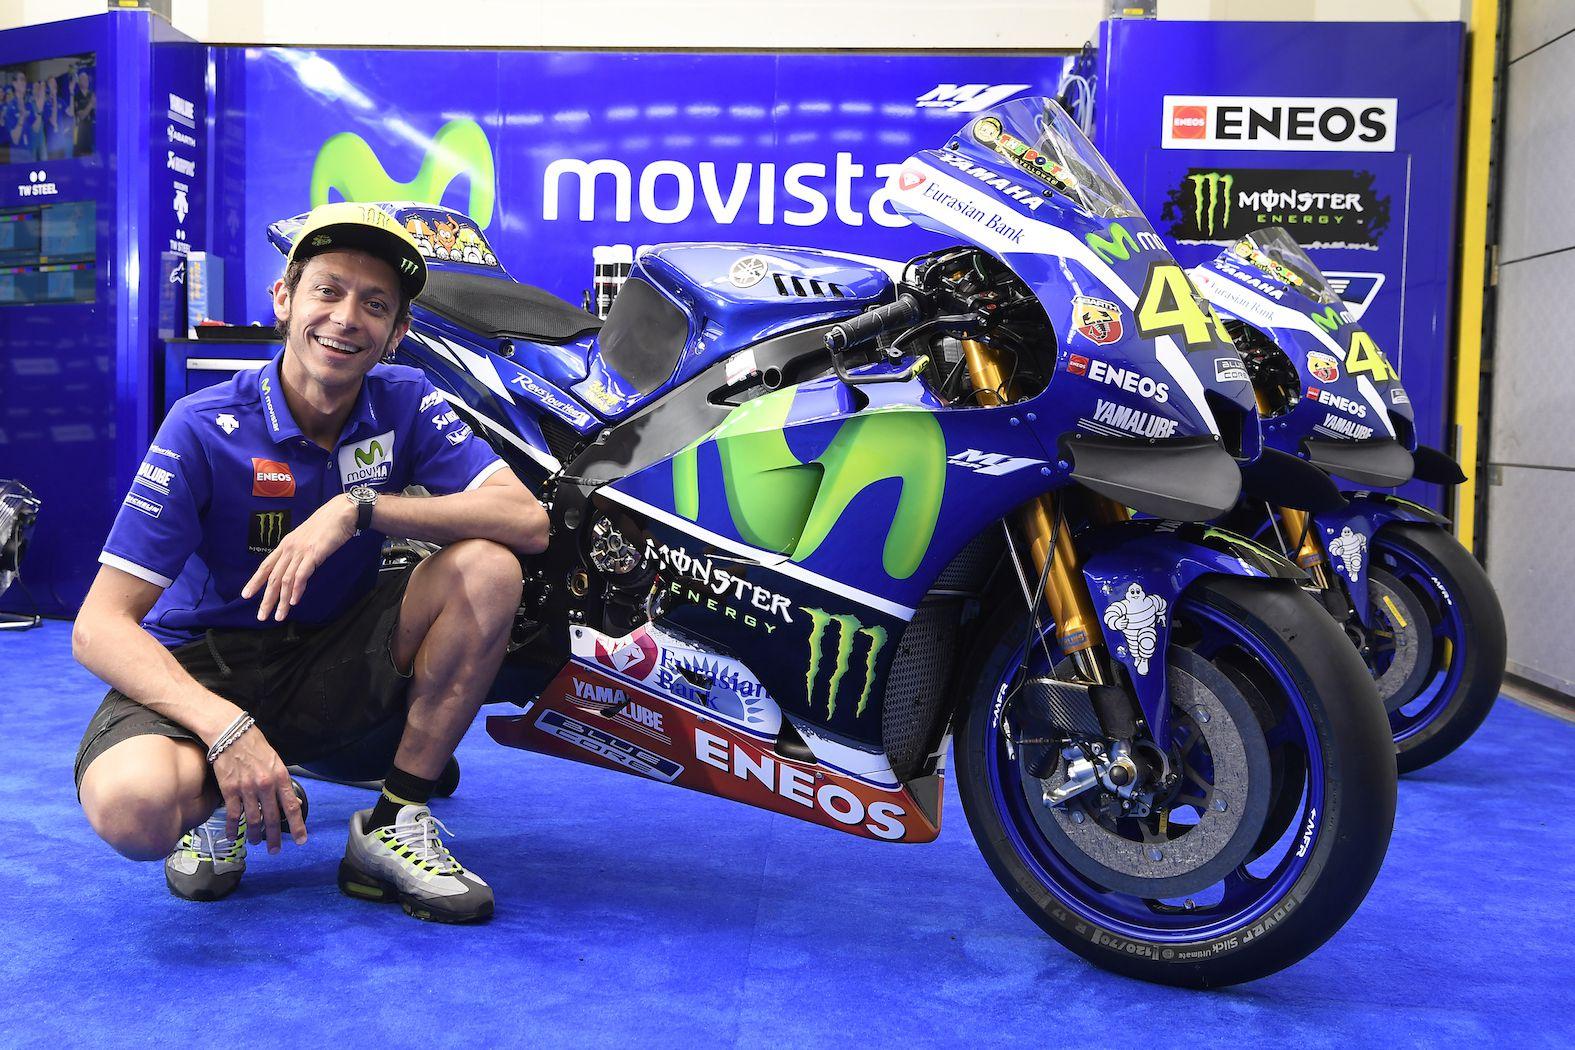 20161028_MotoGP_rd17_eneos46.jpg